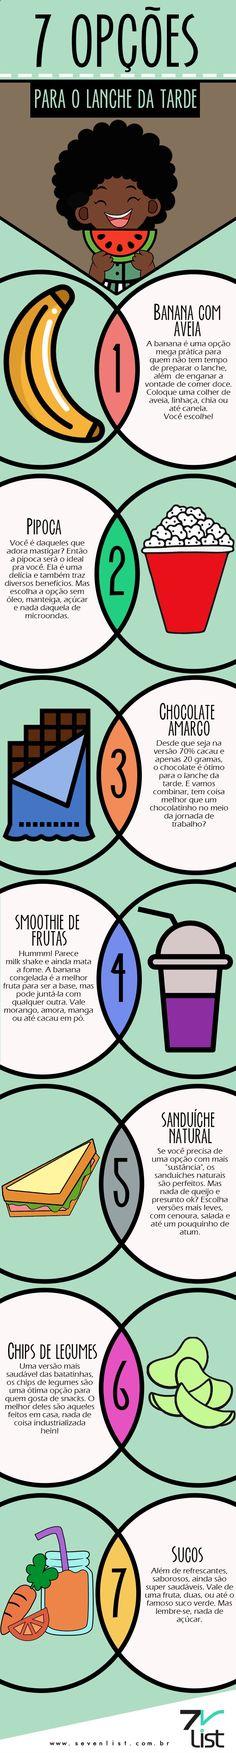 #SevenList #Art #Infográfico #Lanche #Food #Alimentação #Dieta #Dicas #Pipoca…